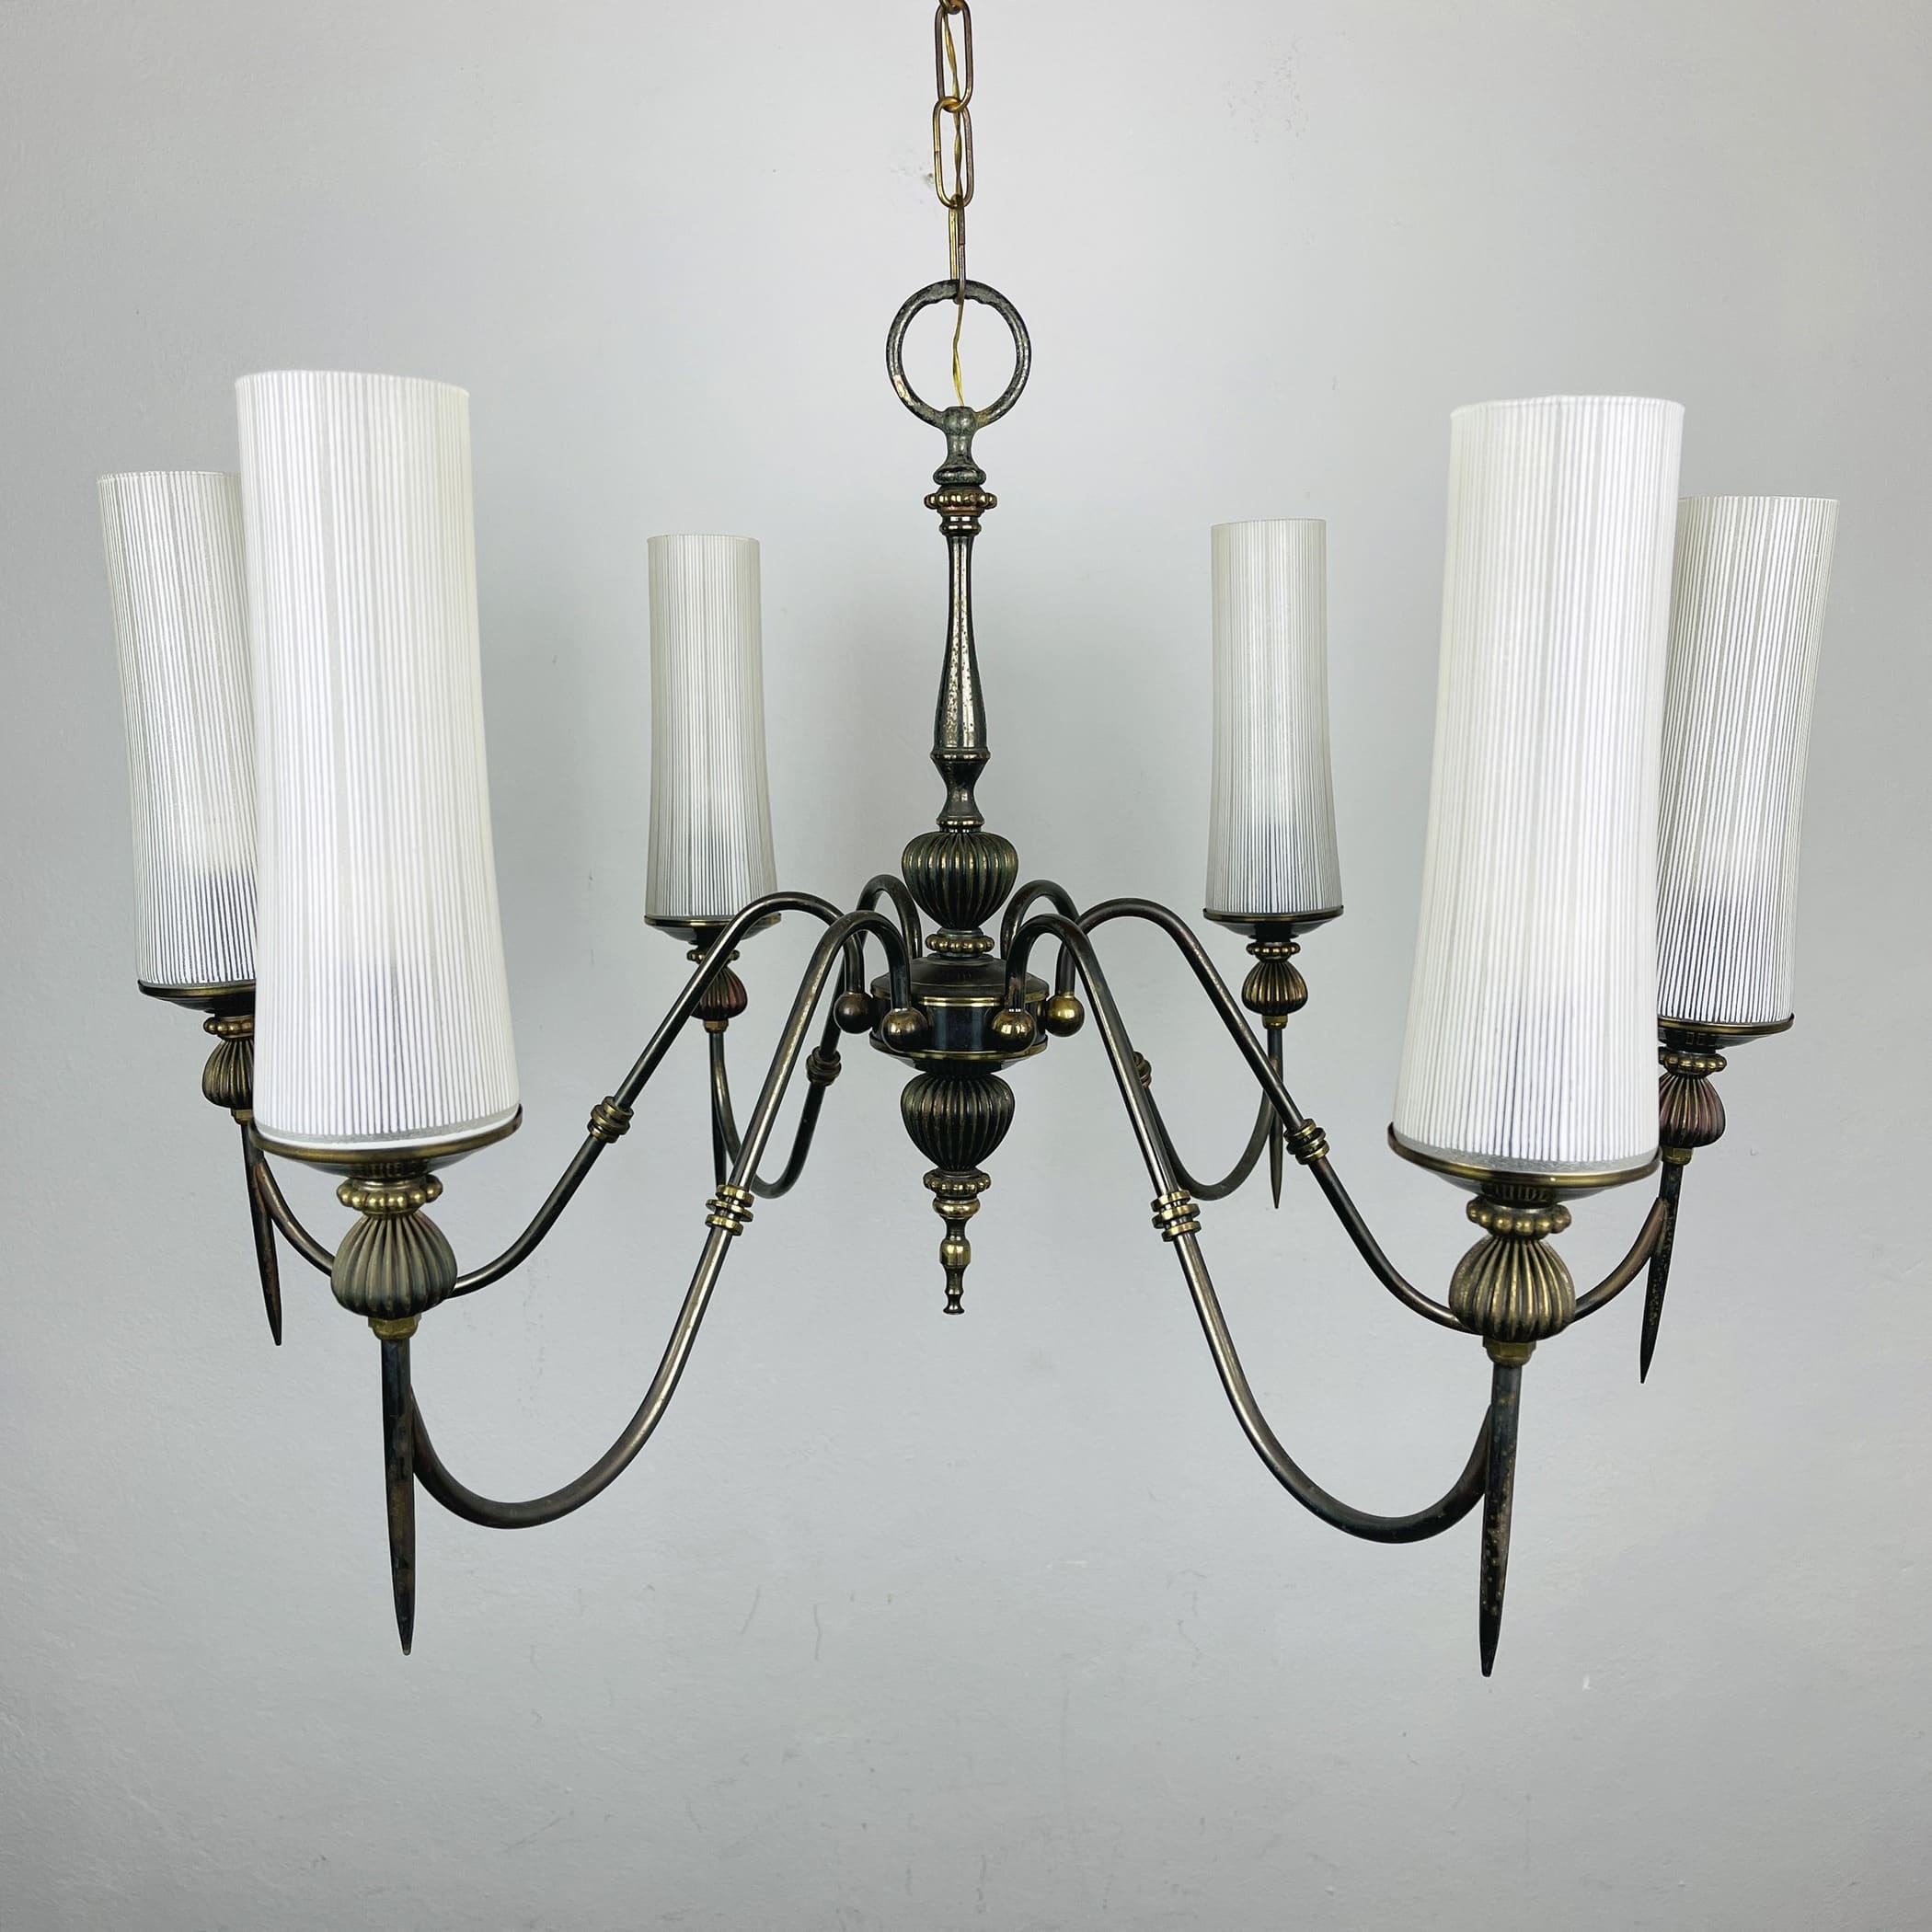 Vintage bronze chandelier Italy 1960s Victorian Art Deco Italian lighting